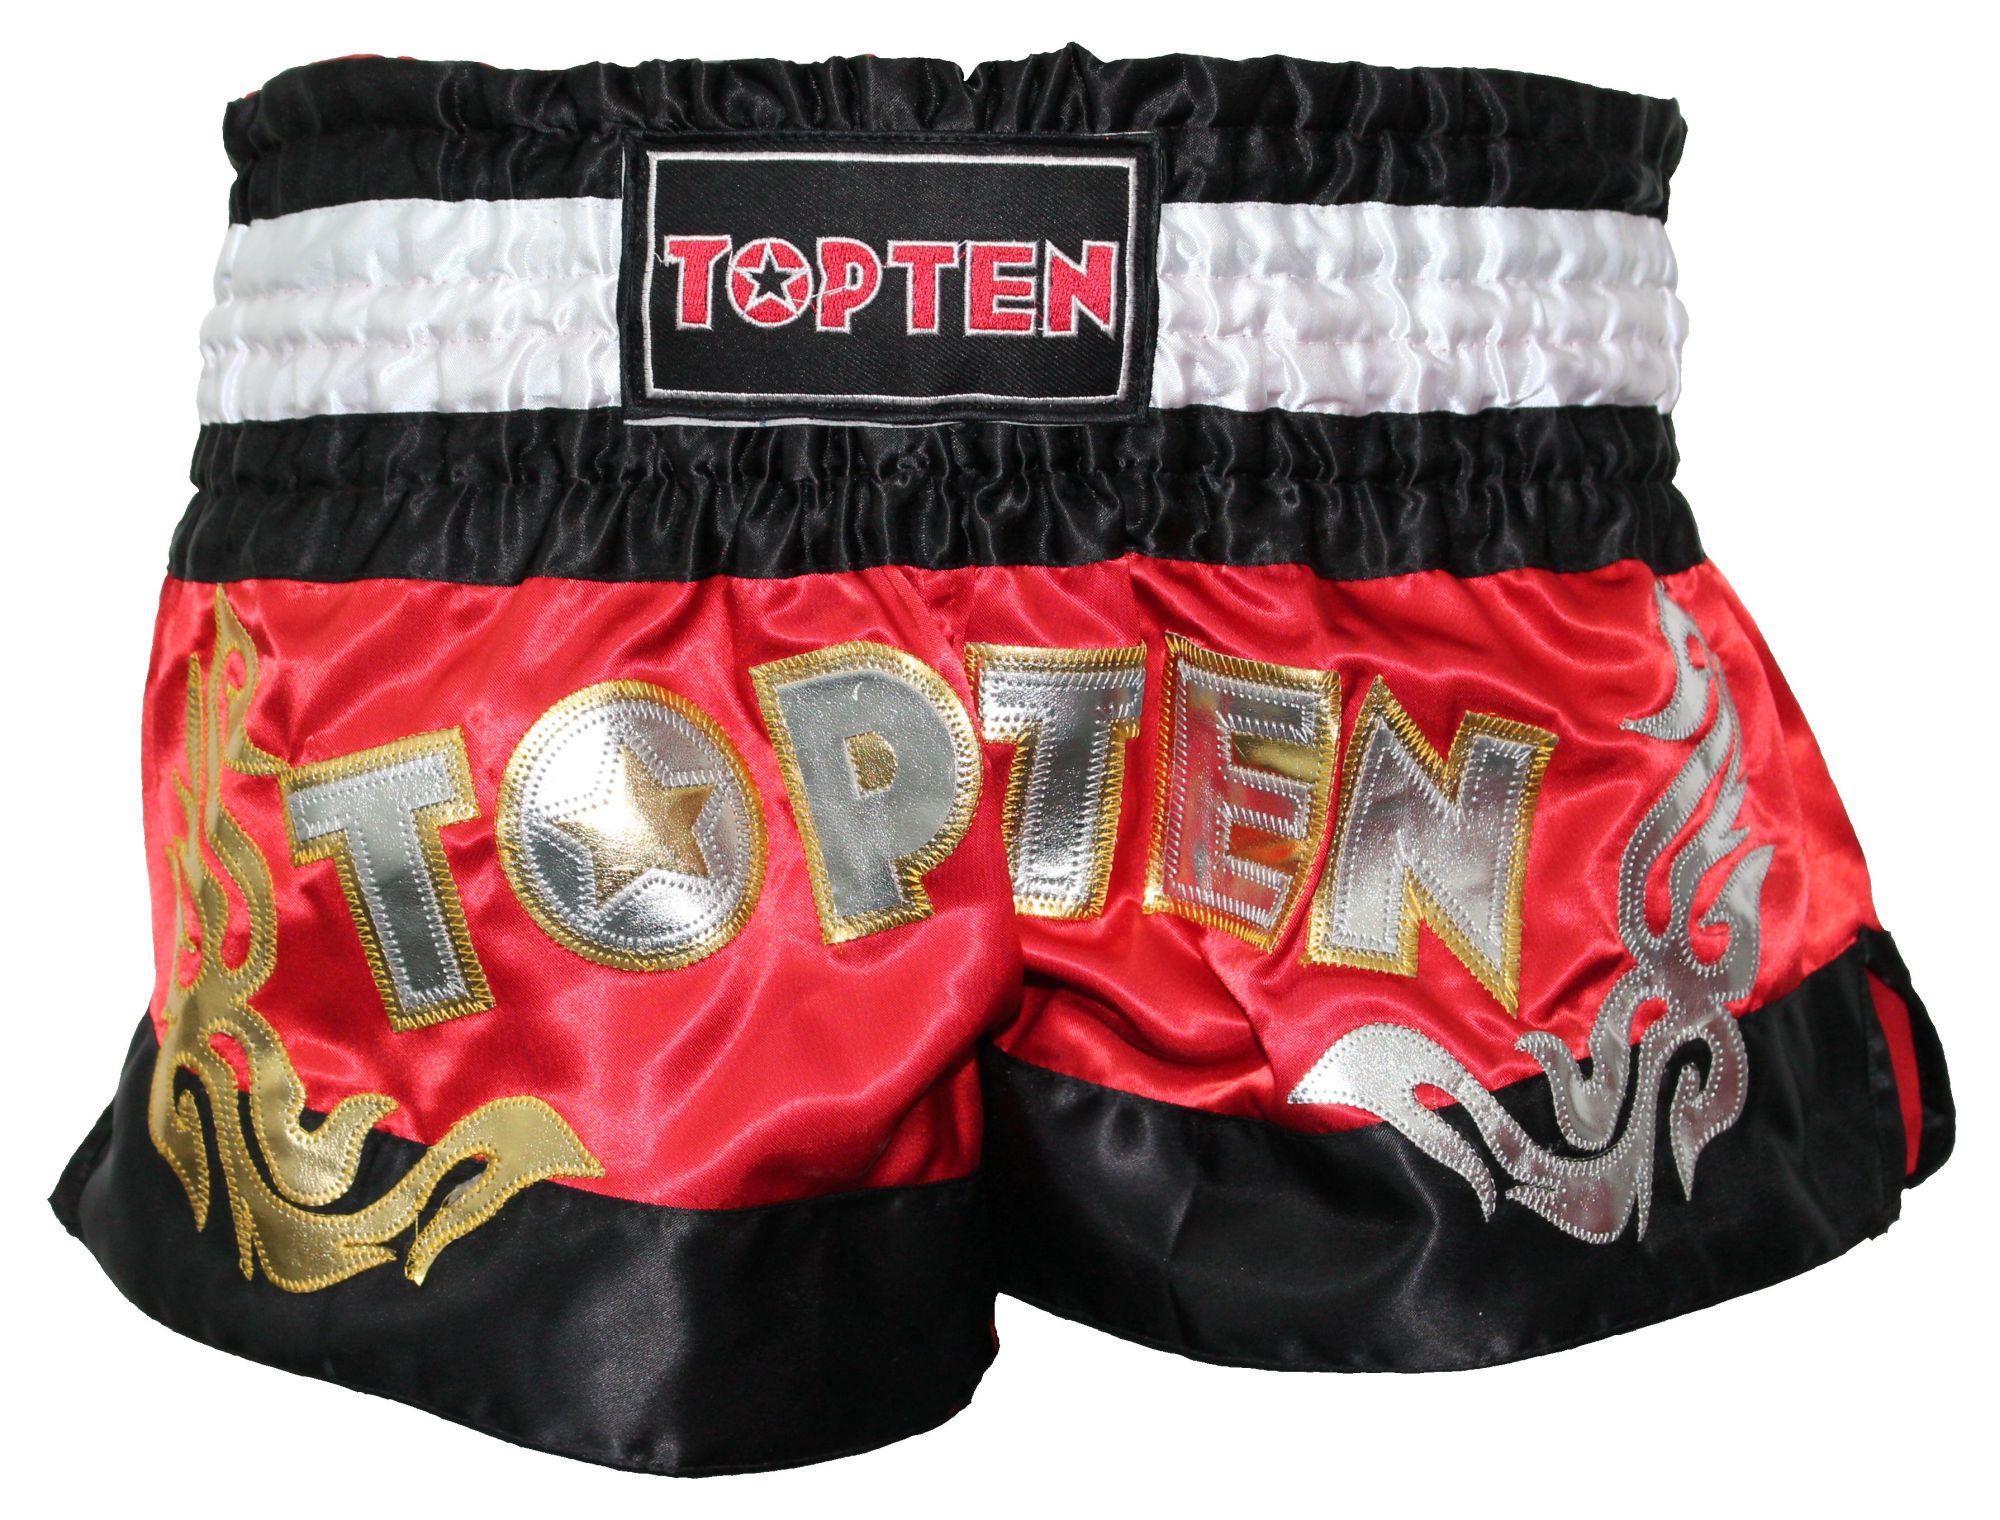 """Kickboksbroekje """"WAKO TOP TEN"""" (Zwart / Rood)"""